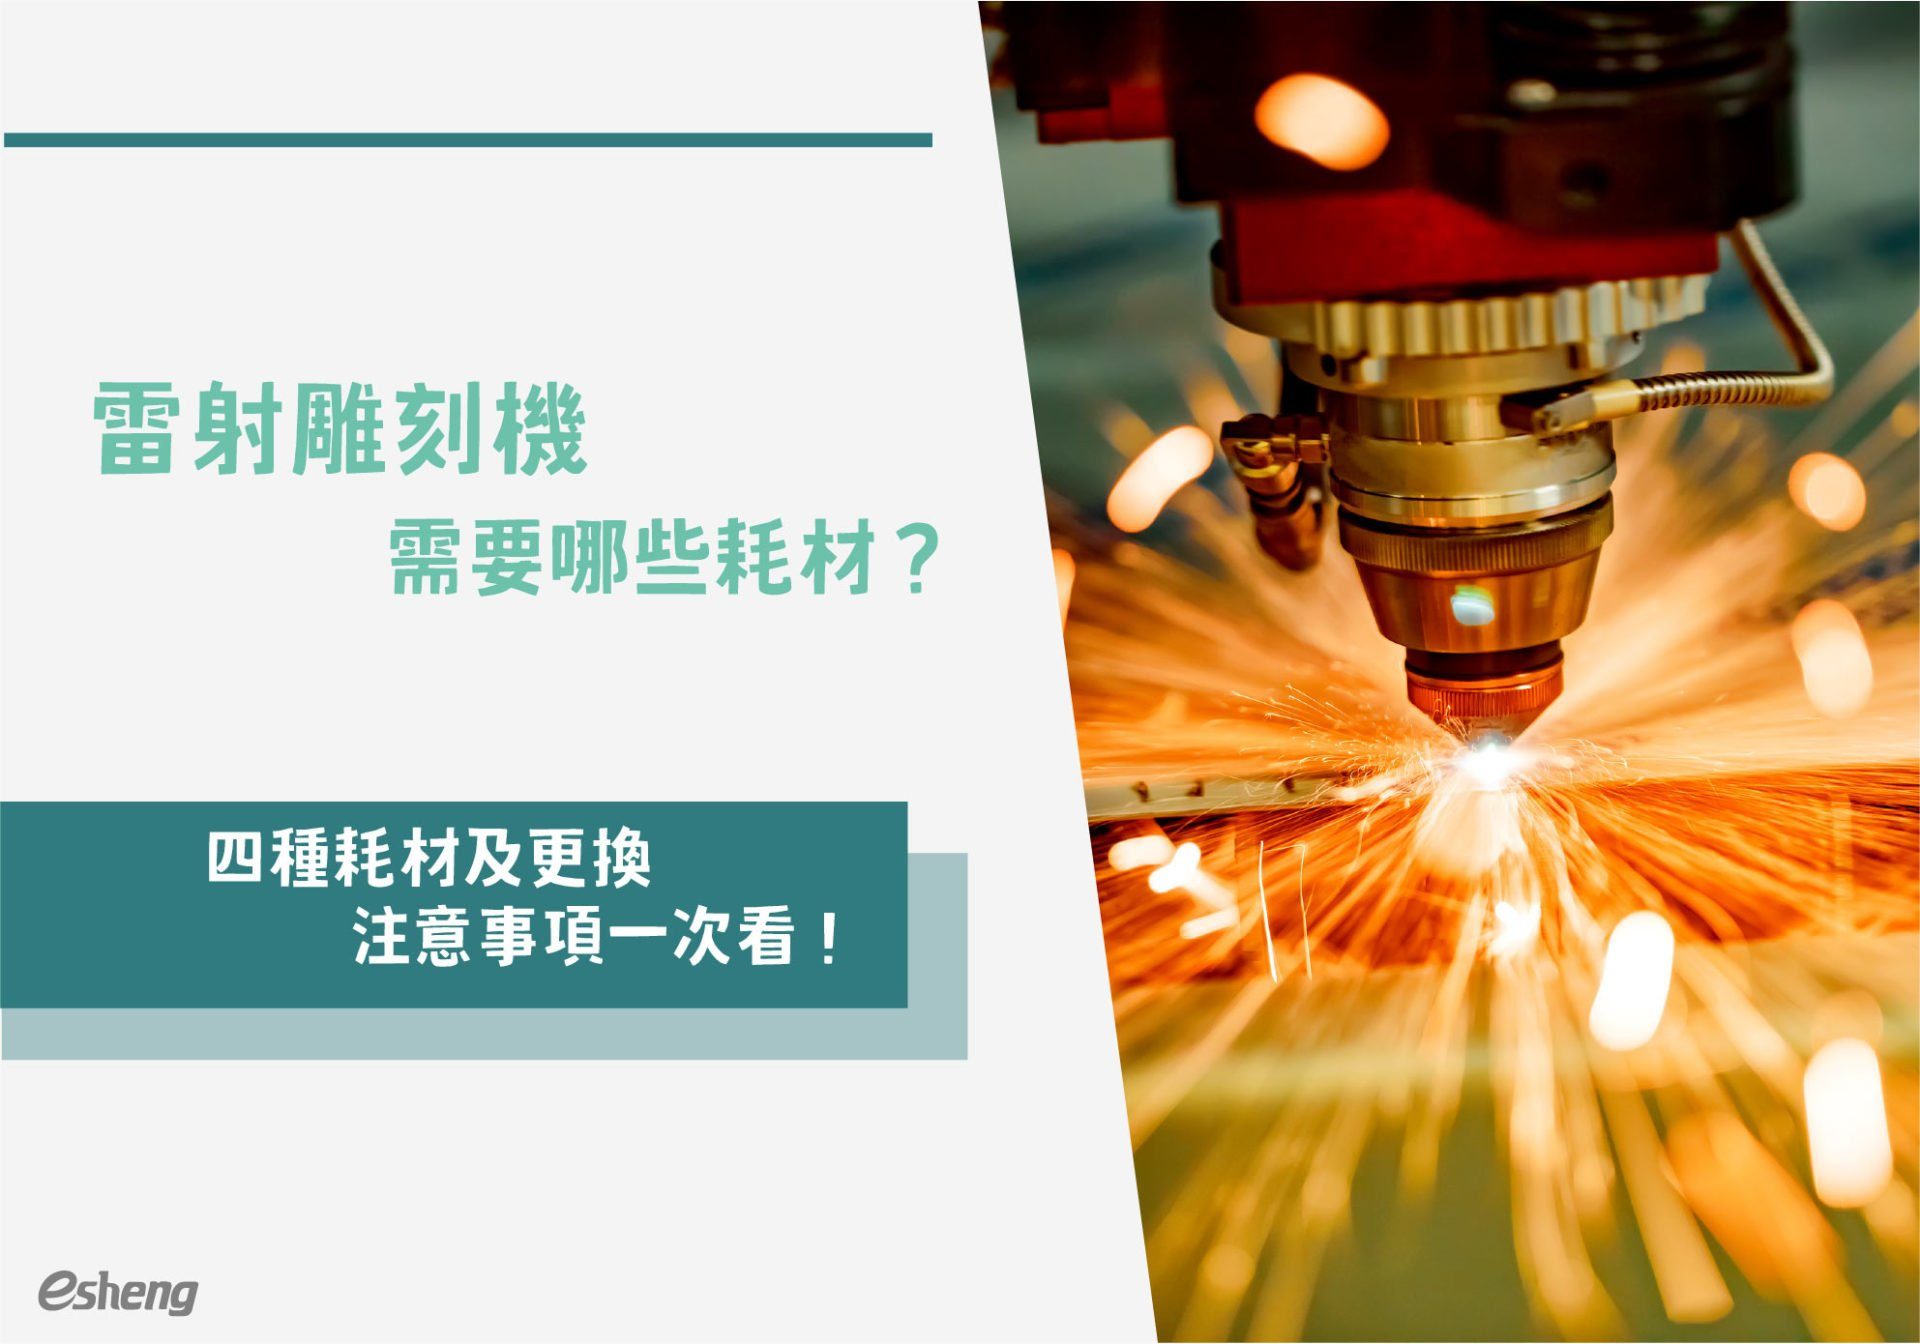 雷射雕刻機需要哪些耗材?四種耗材及更換注意事項一次看!